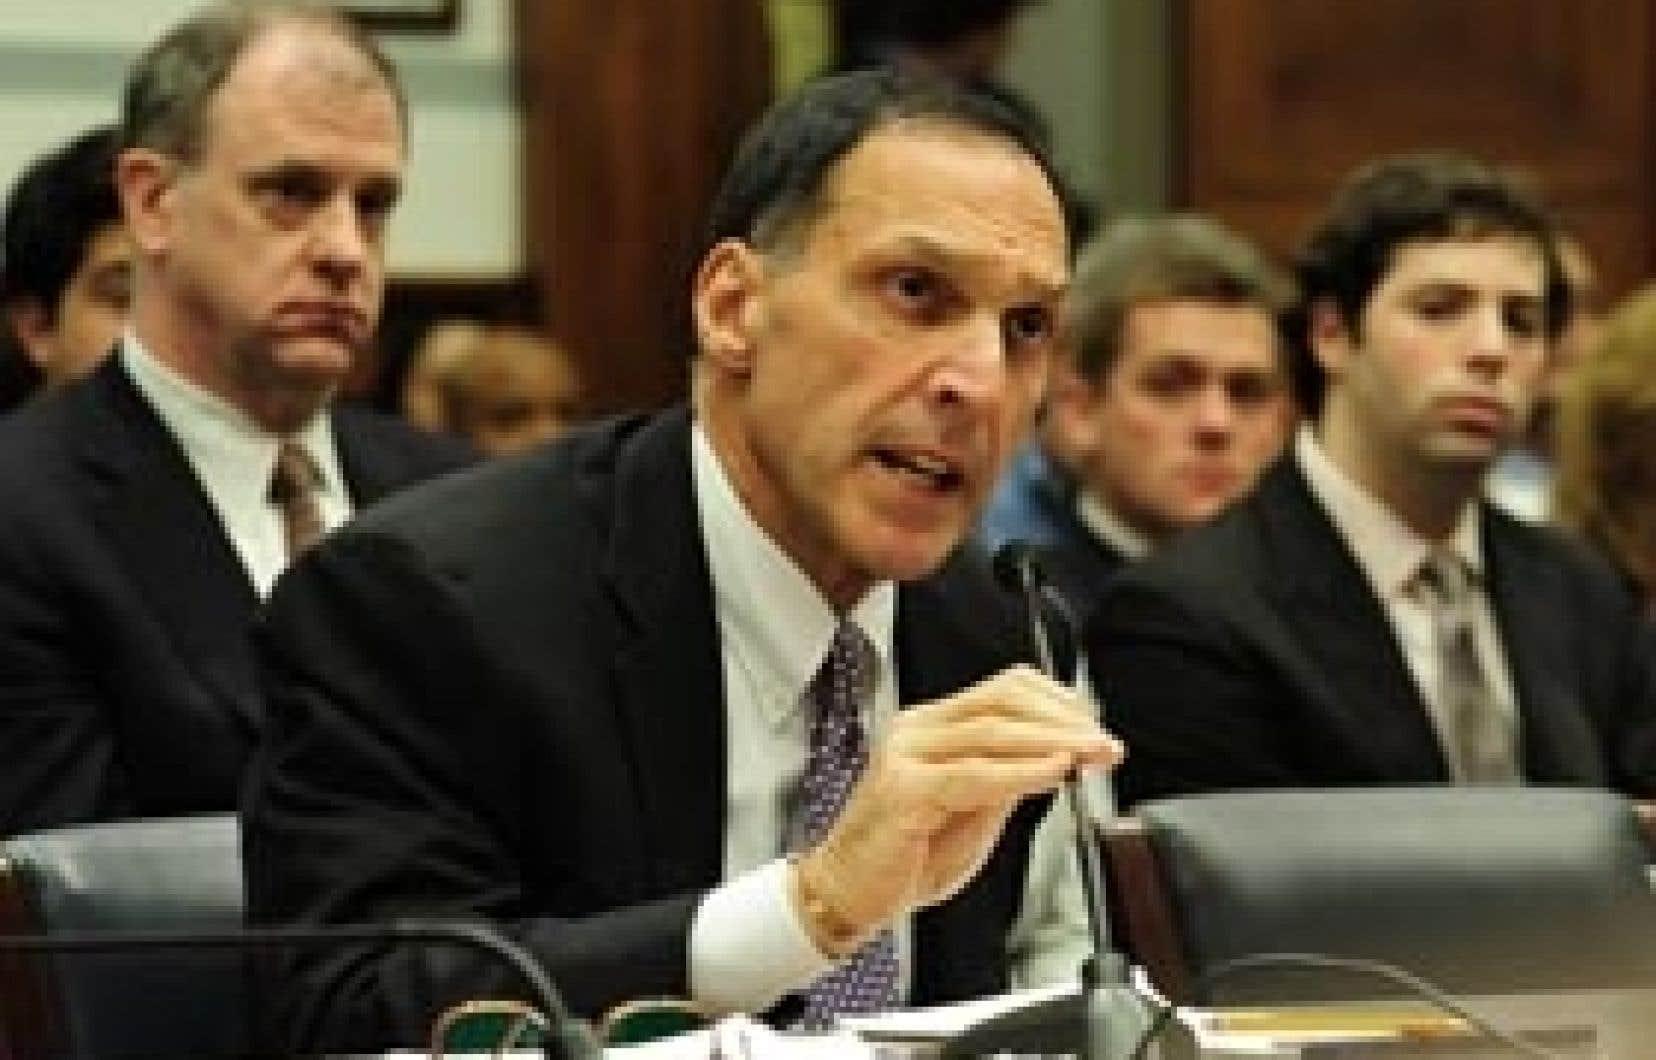 Le chef de la direction de Lehman Brothers, hier, lors de son témoignage devant la commission de surveillance de la Chambre des représentants